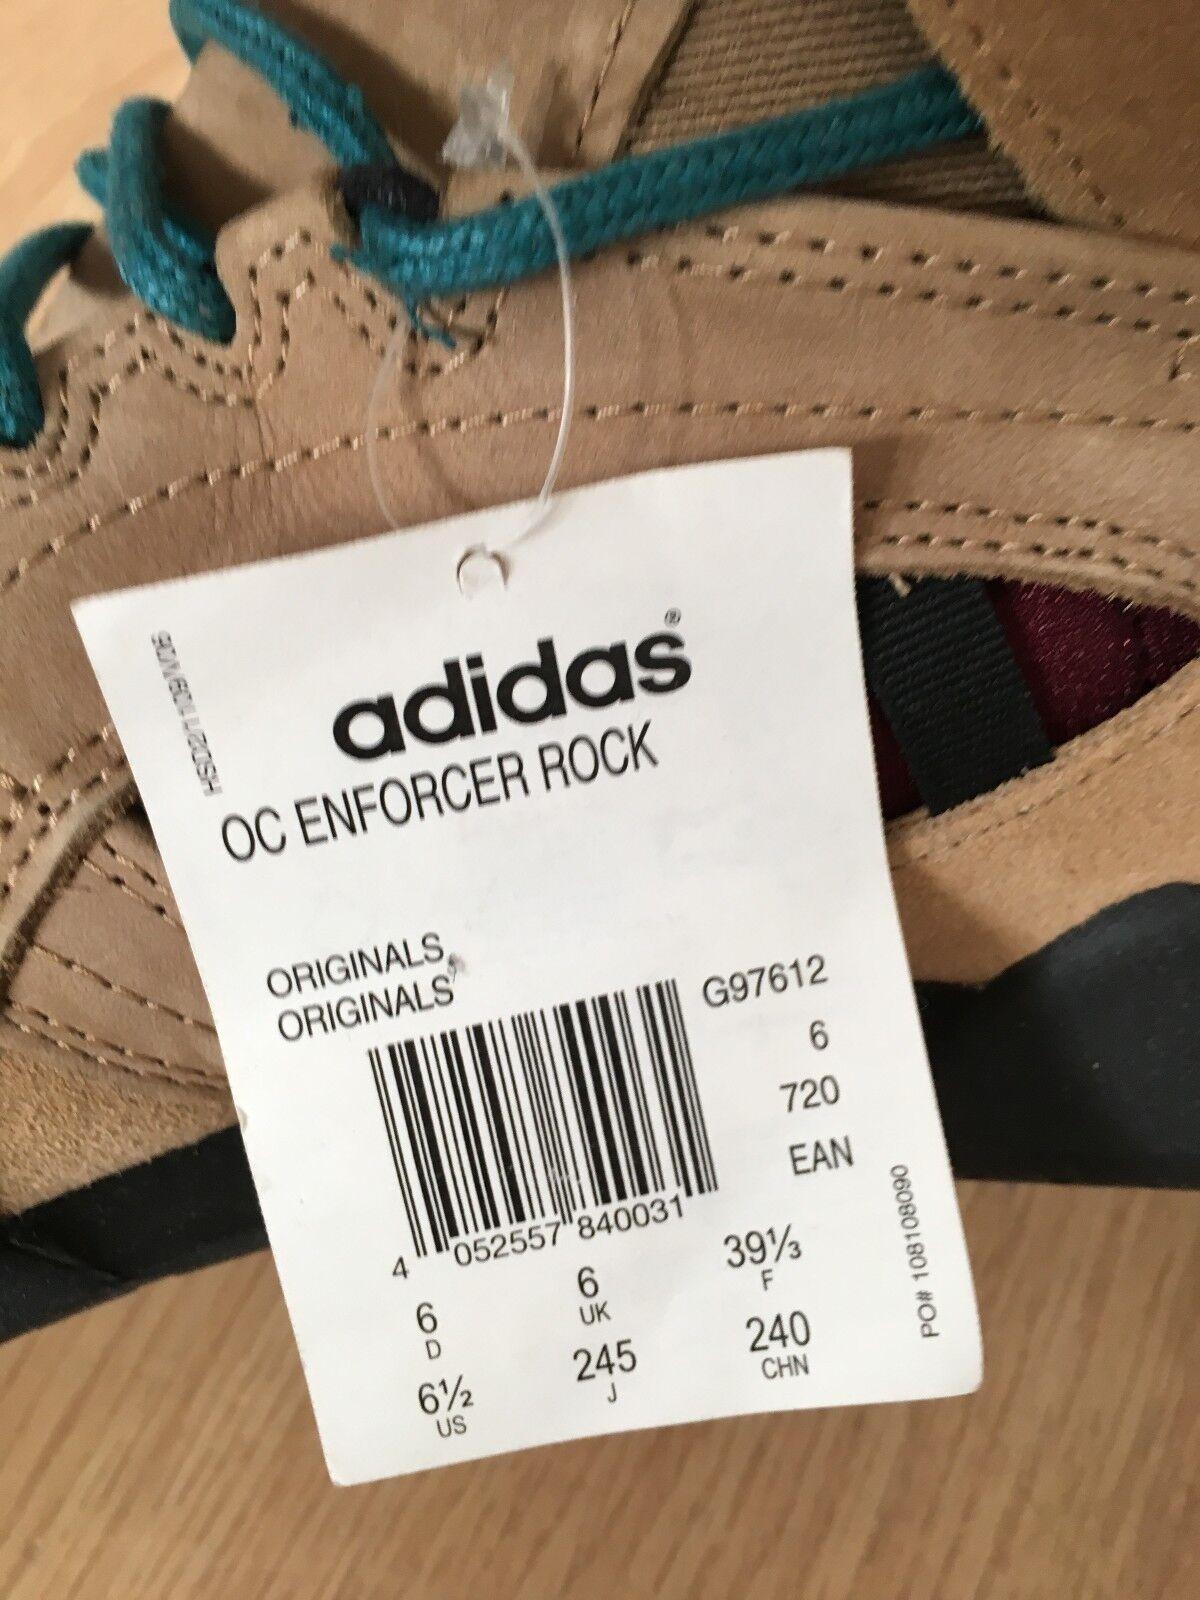 Adidas Adidas Adidas originals x eröffnungsfeier vollstrecker rock g97612 Braun nur selten. 416aab